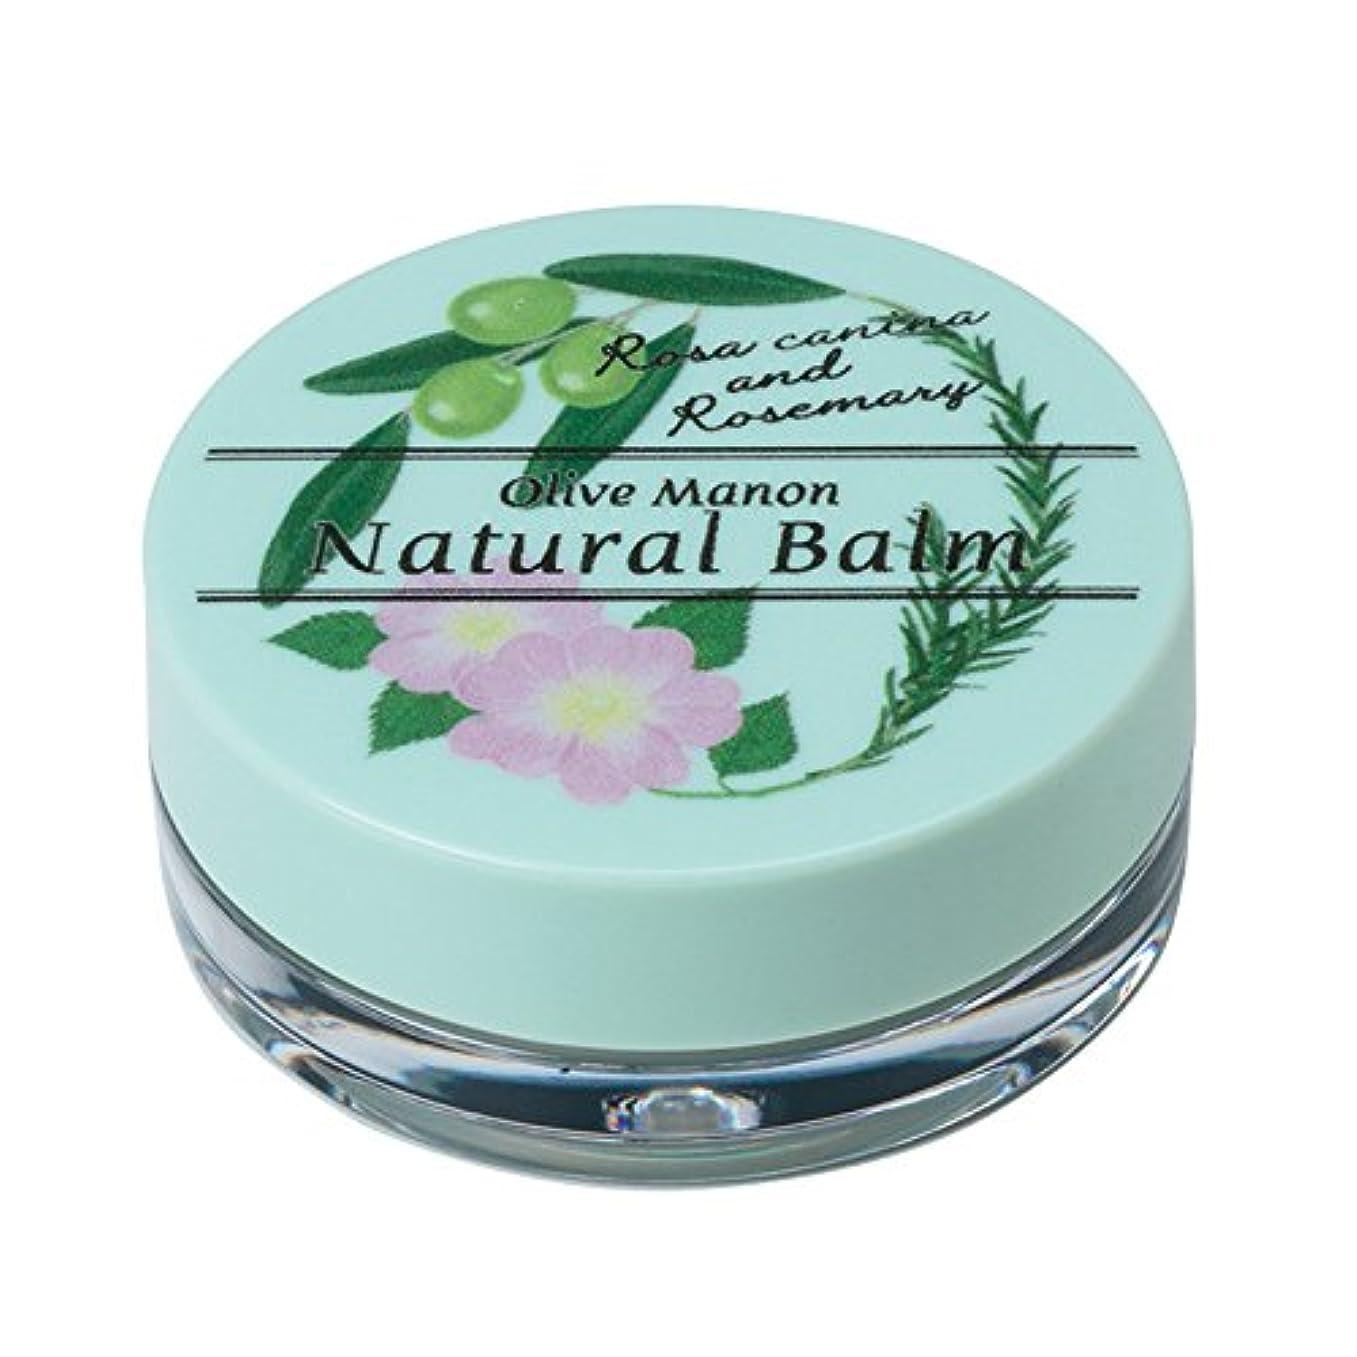 ブームに話すアクセスオリーブマノン ナチュバーム ノバラとローズマリーの香り (10mL)